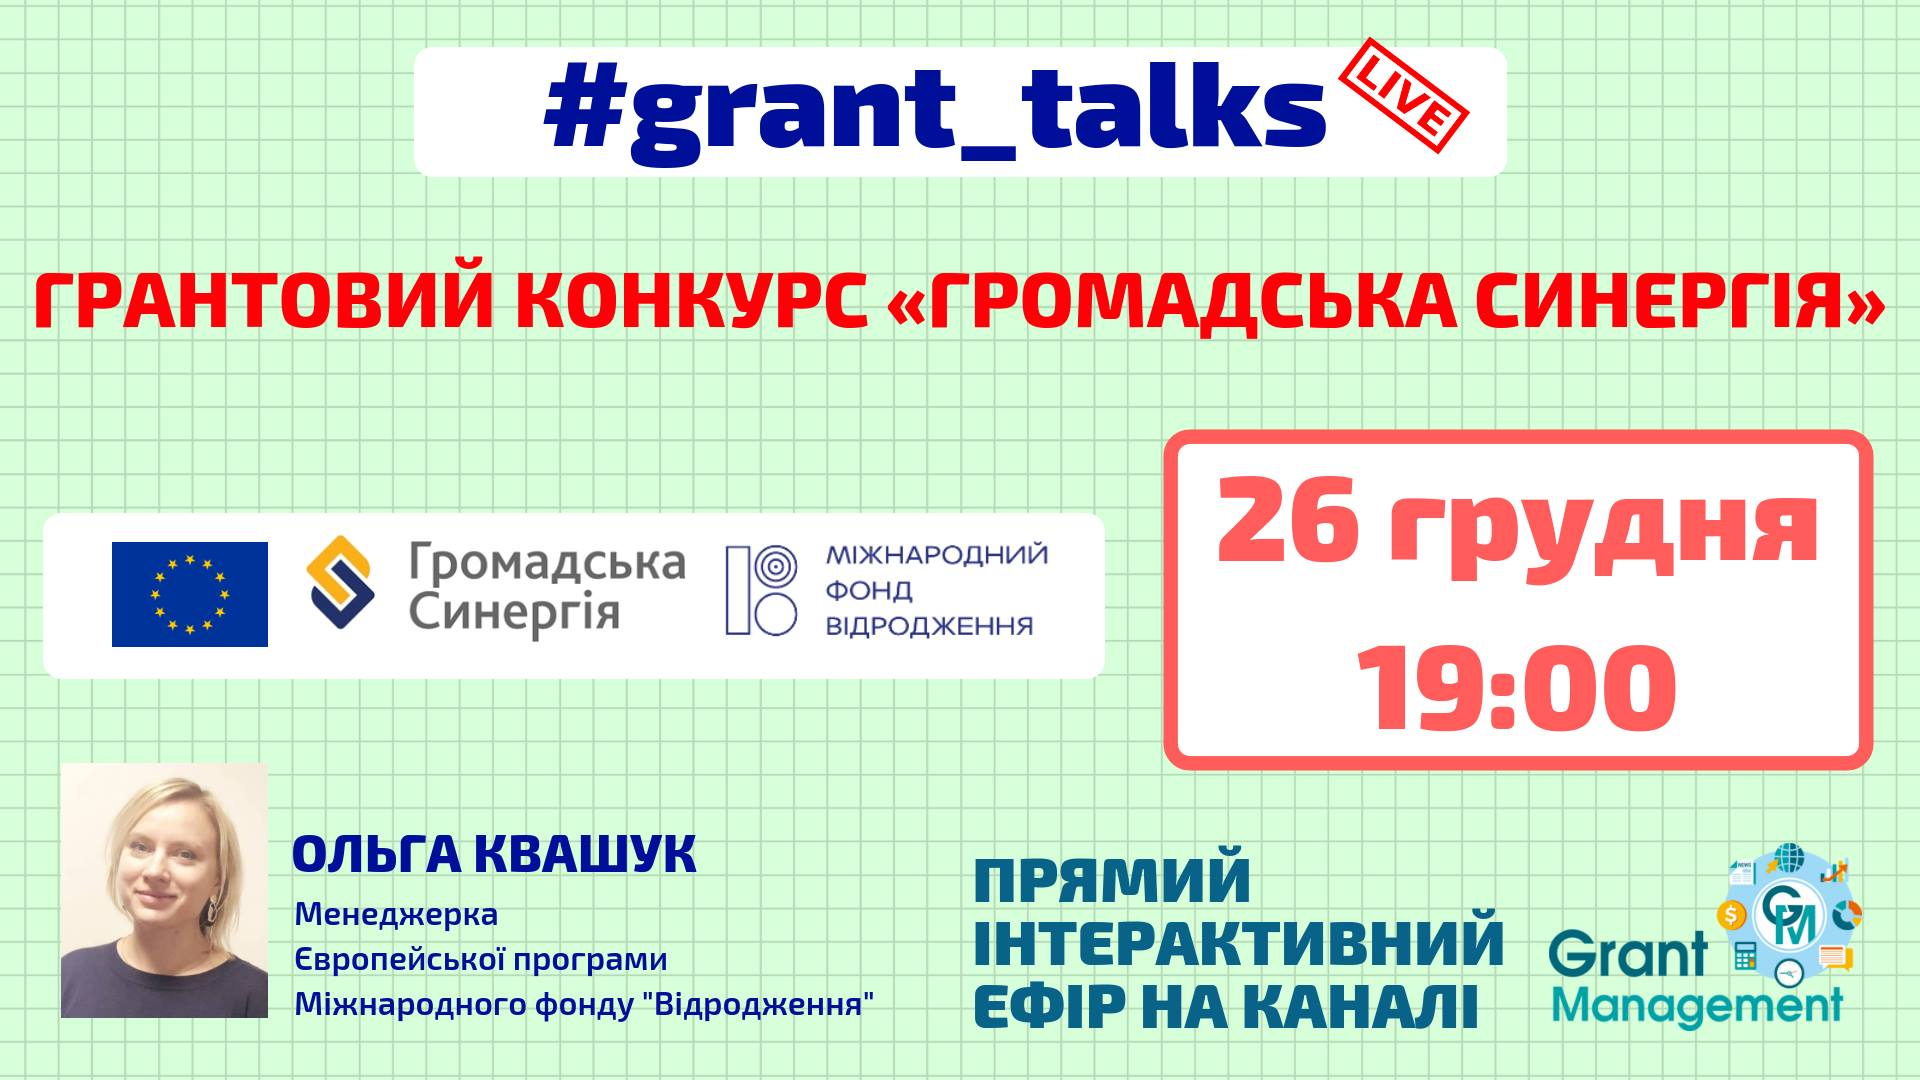 Запитайте нас про конкурс грантів на євроінтеграційні проекти на вебінарі